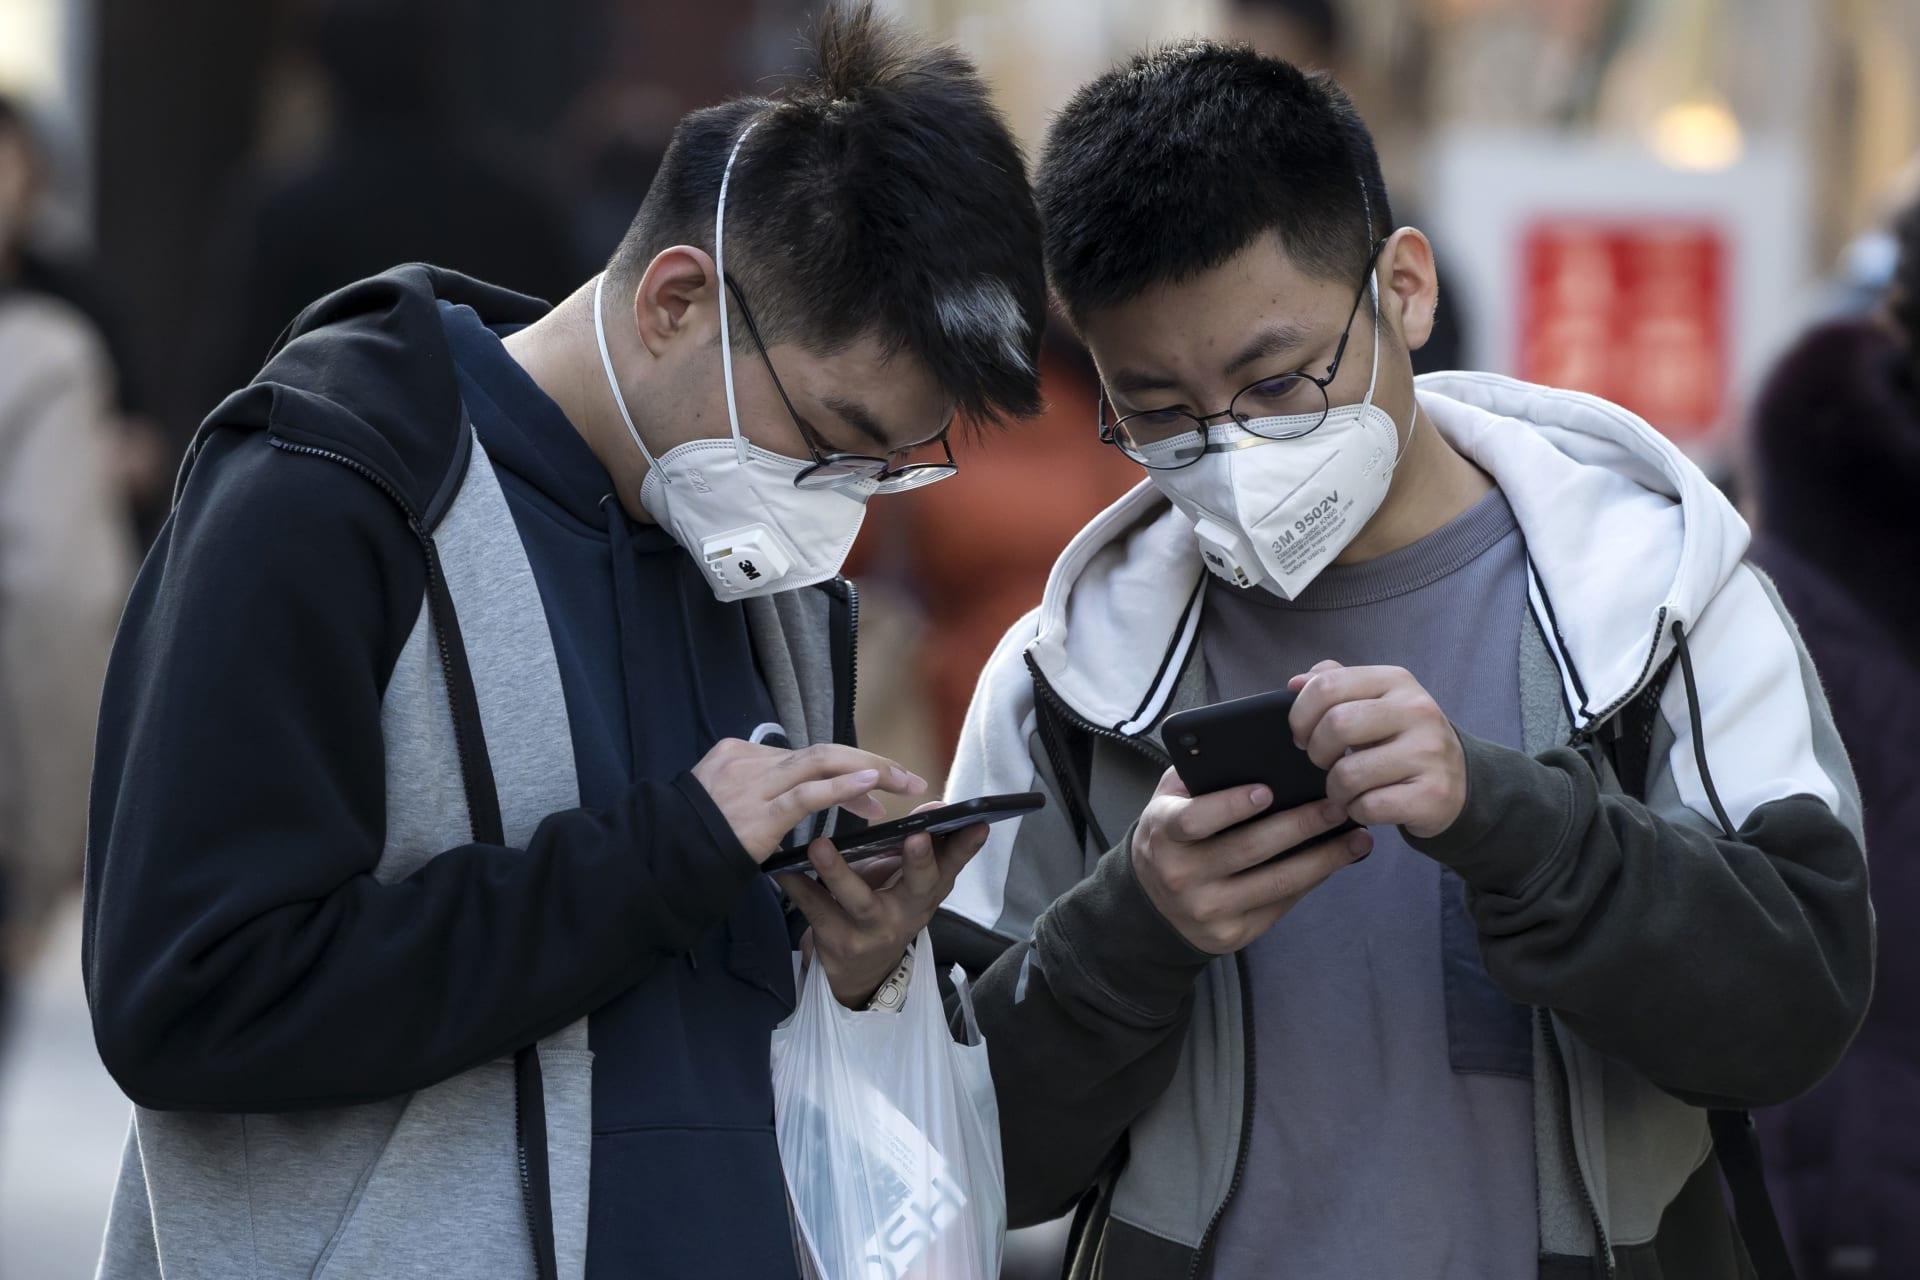 أكثر من 4000 سائح من ووهان بالخارج في ظل انتشار فيروس كورونا